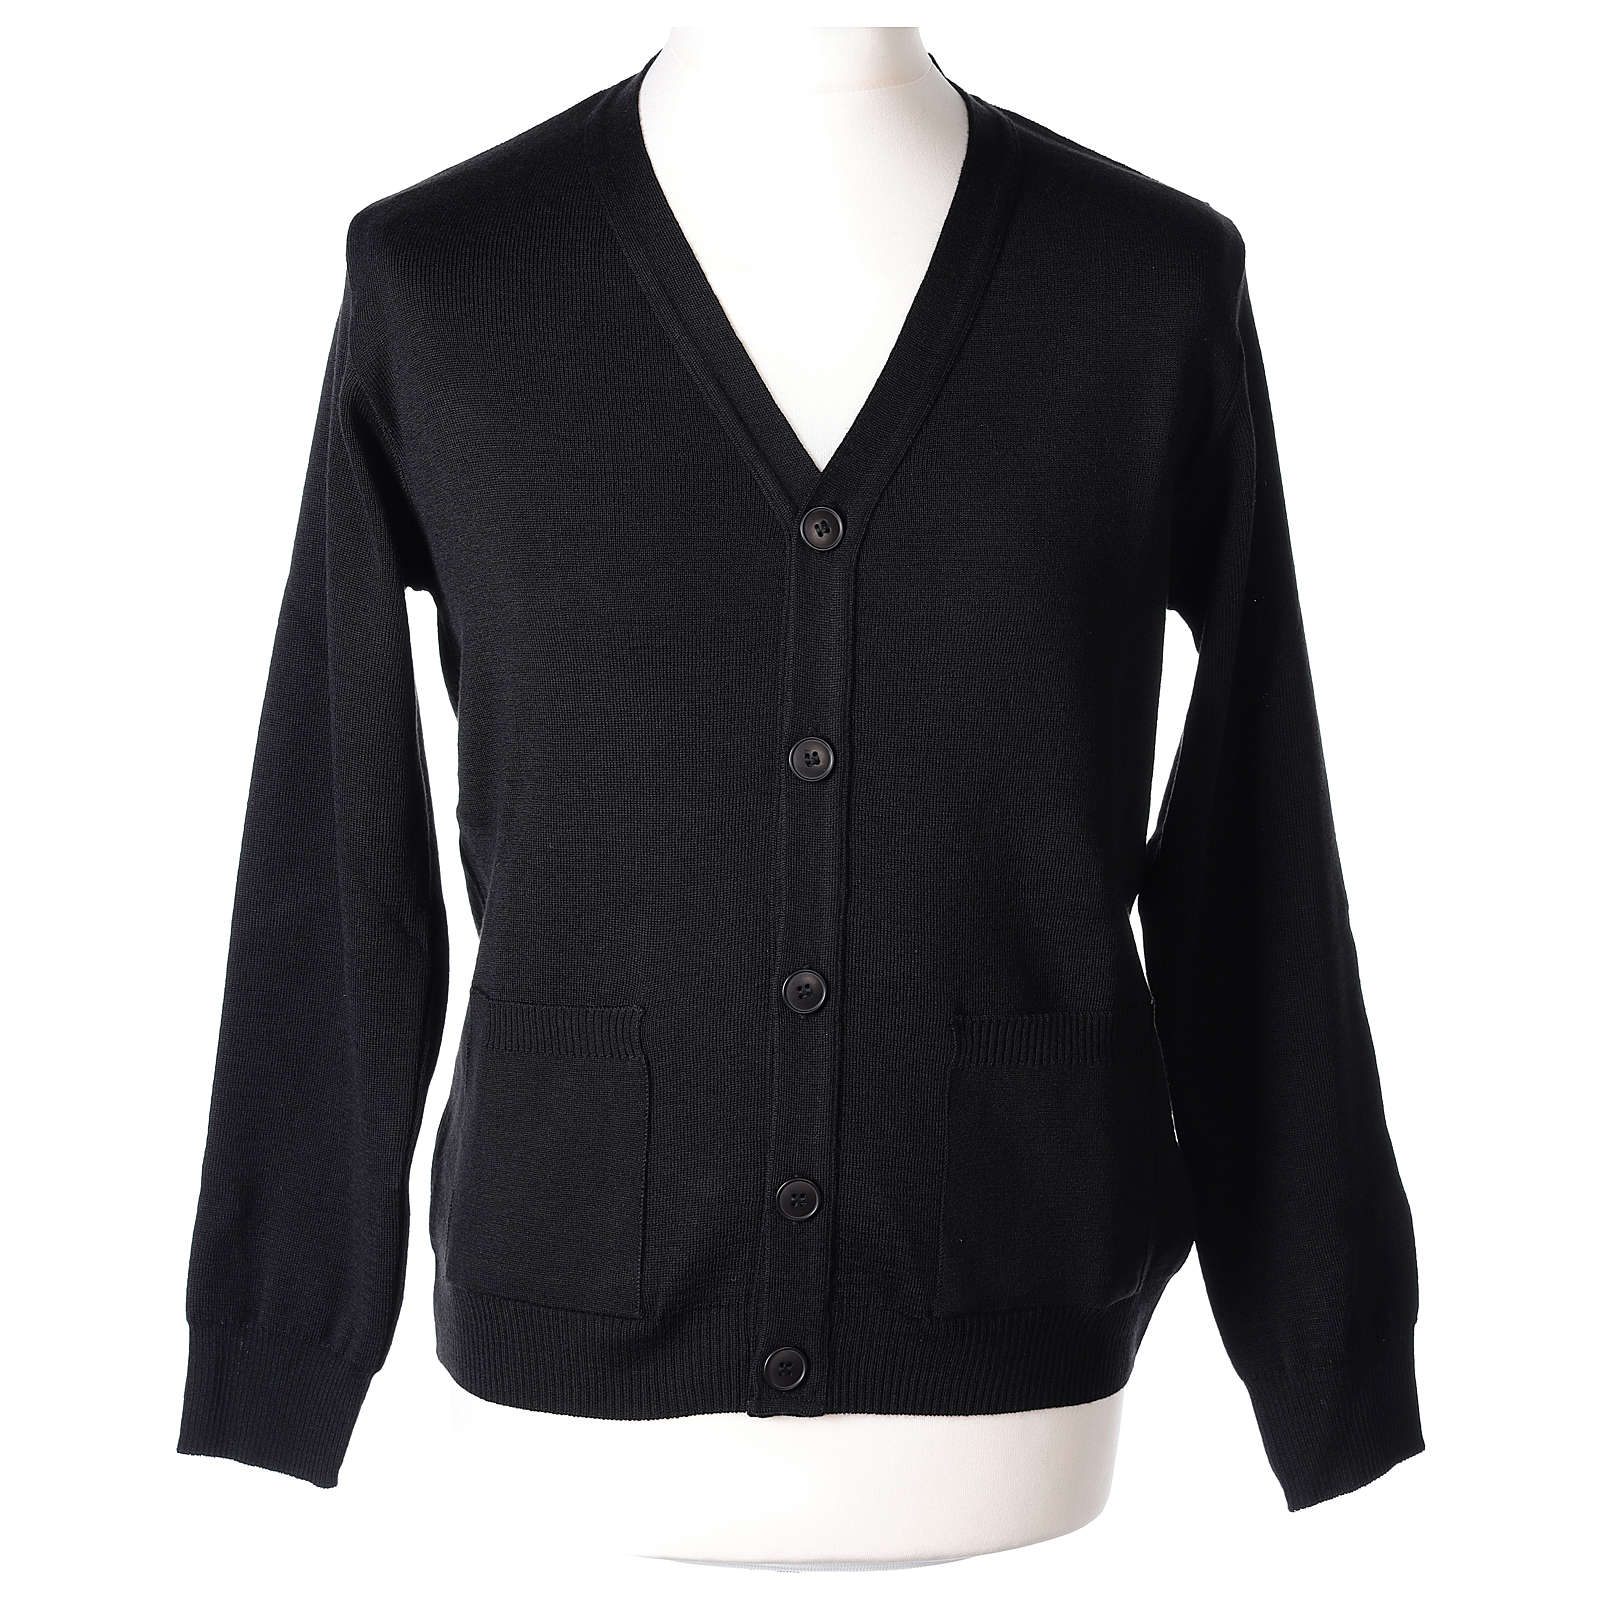 Gilet prêtre noir poches et boutons 50% acrylique 50% laine mérinos In Primis 4